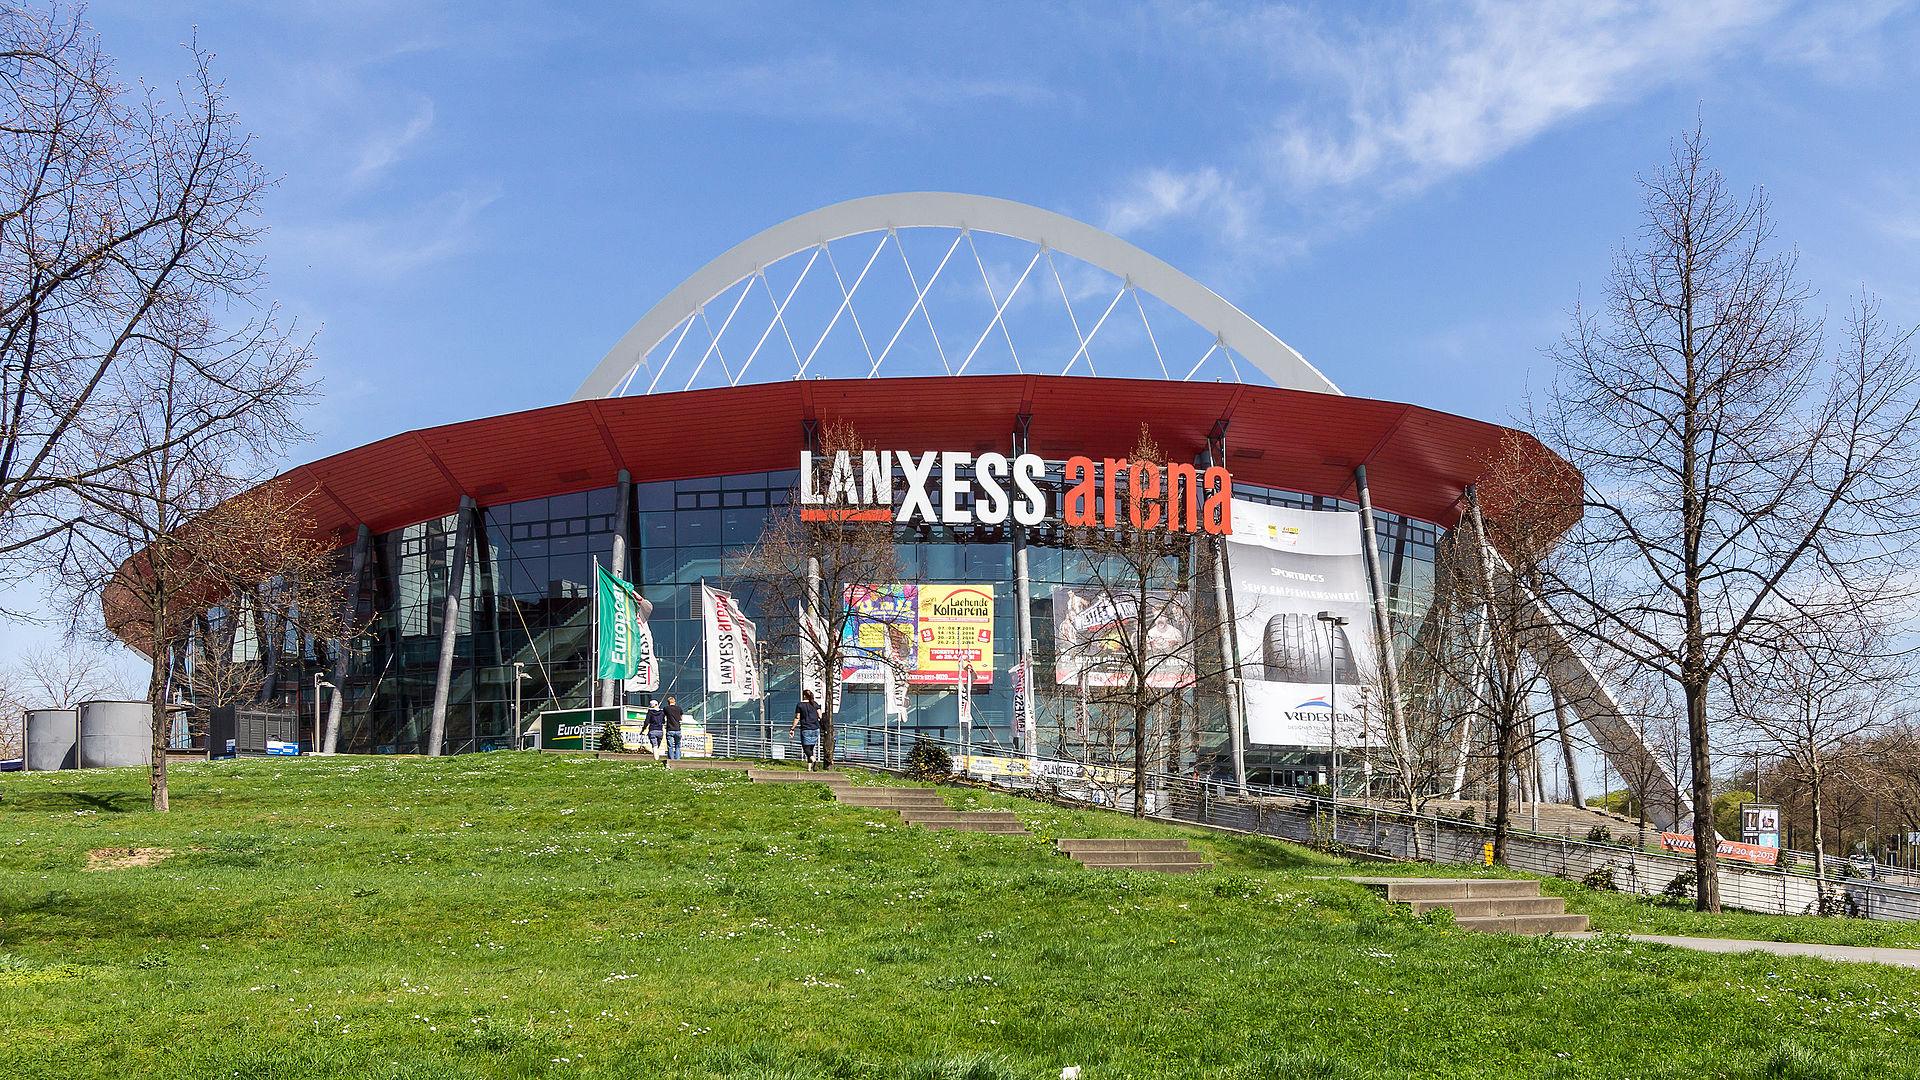 1920px-Lanxess-Arena%2C_K%C3%B6ln-7892.jpg